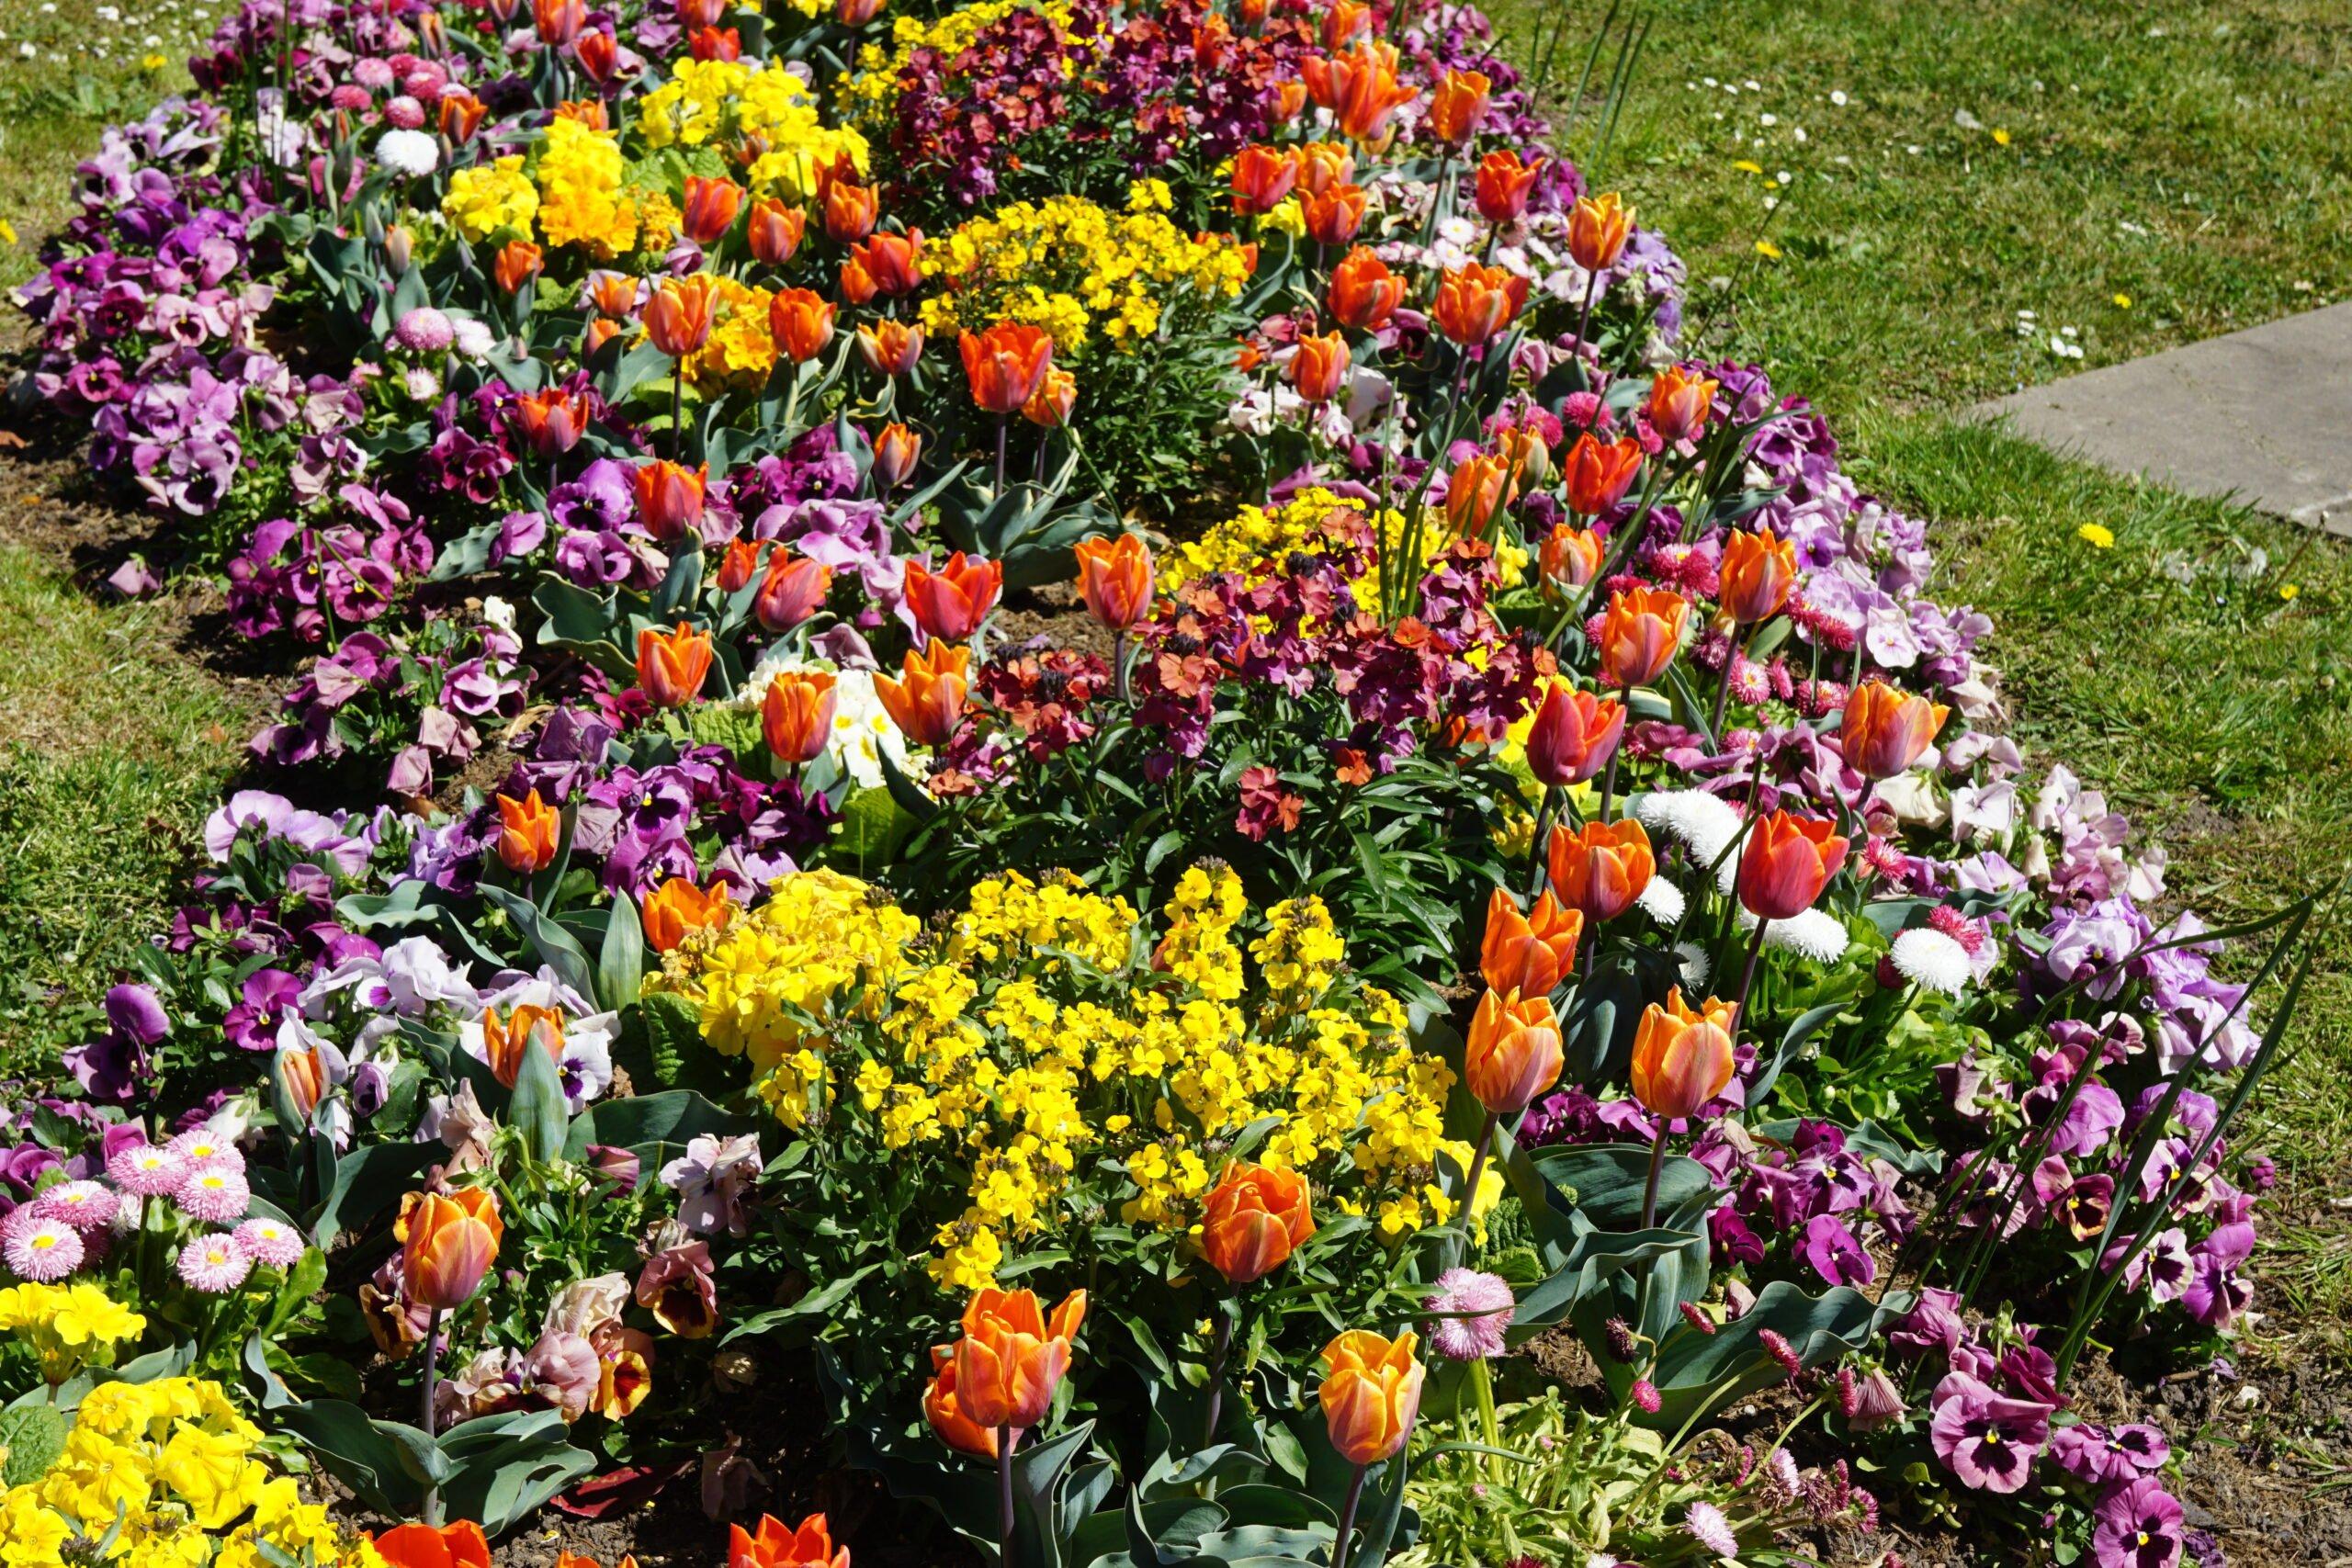 Fleurissement-jassans